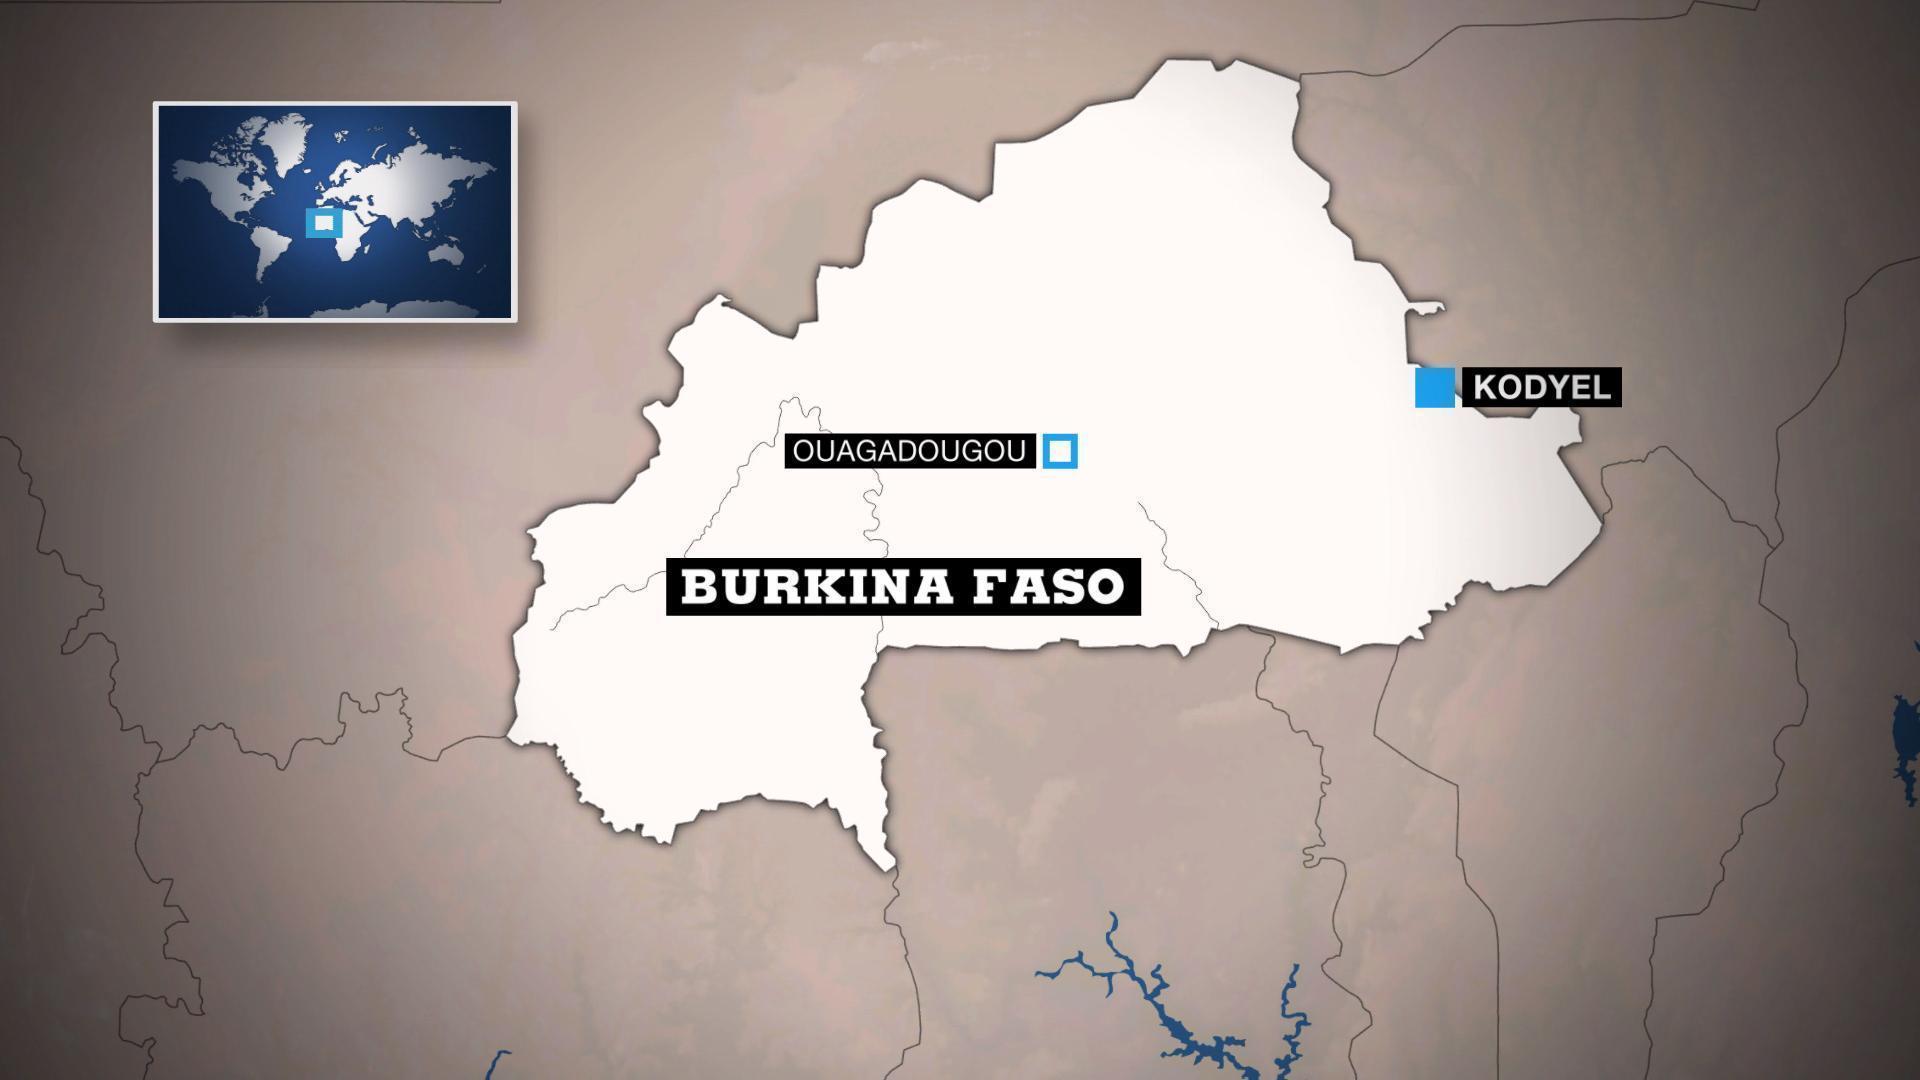 Burkina Faso : au moins 30 morts dans une attaque dans l'Est du pays